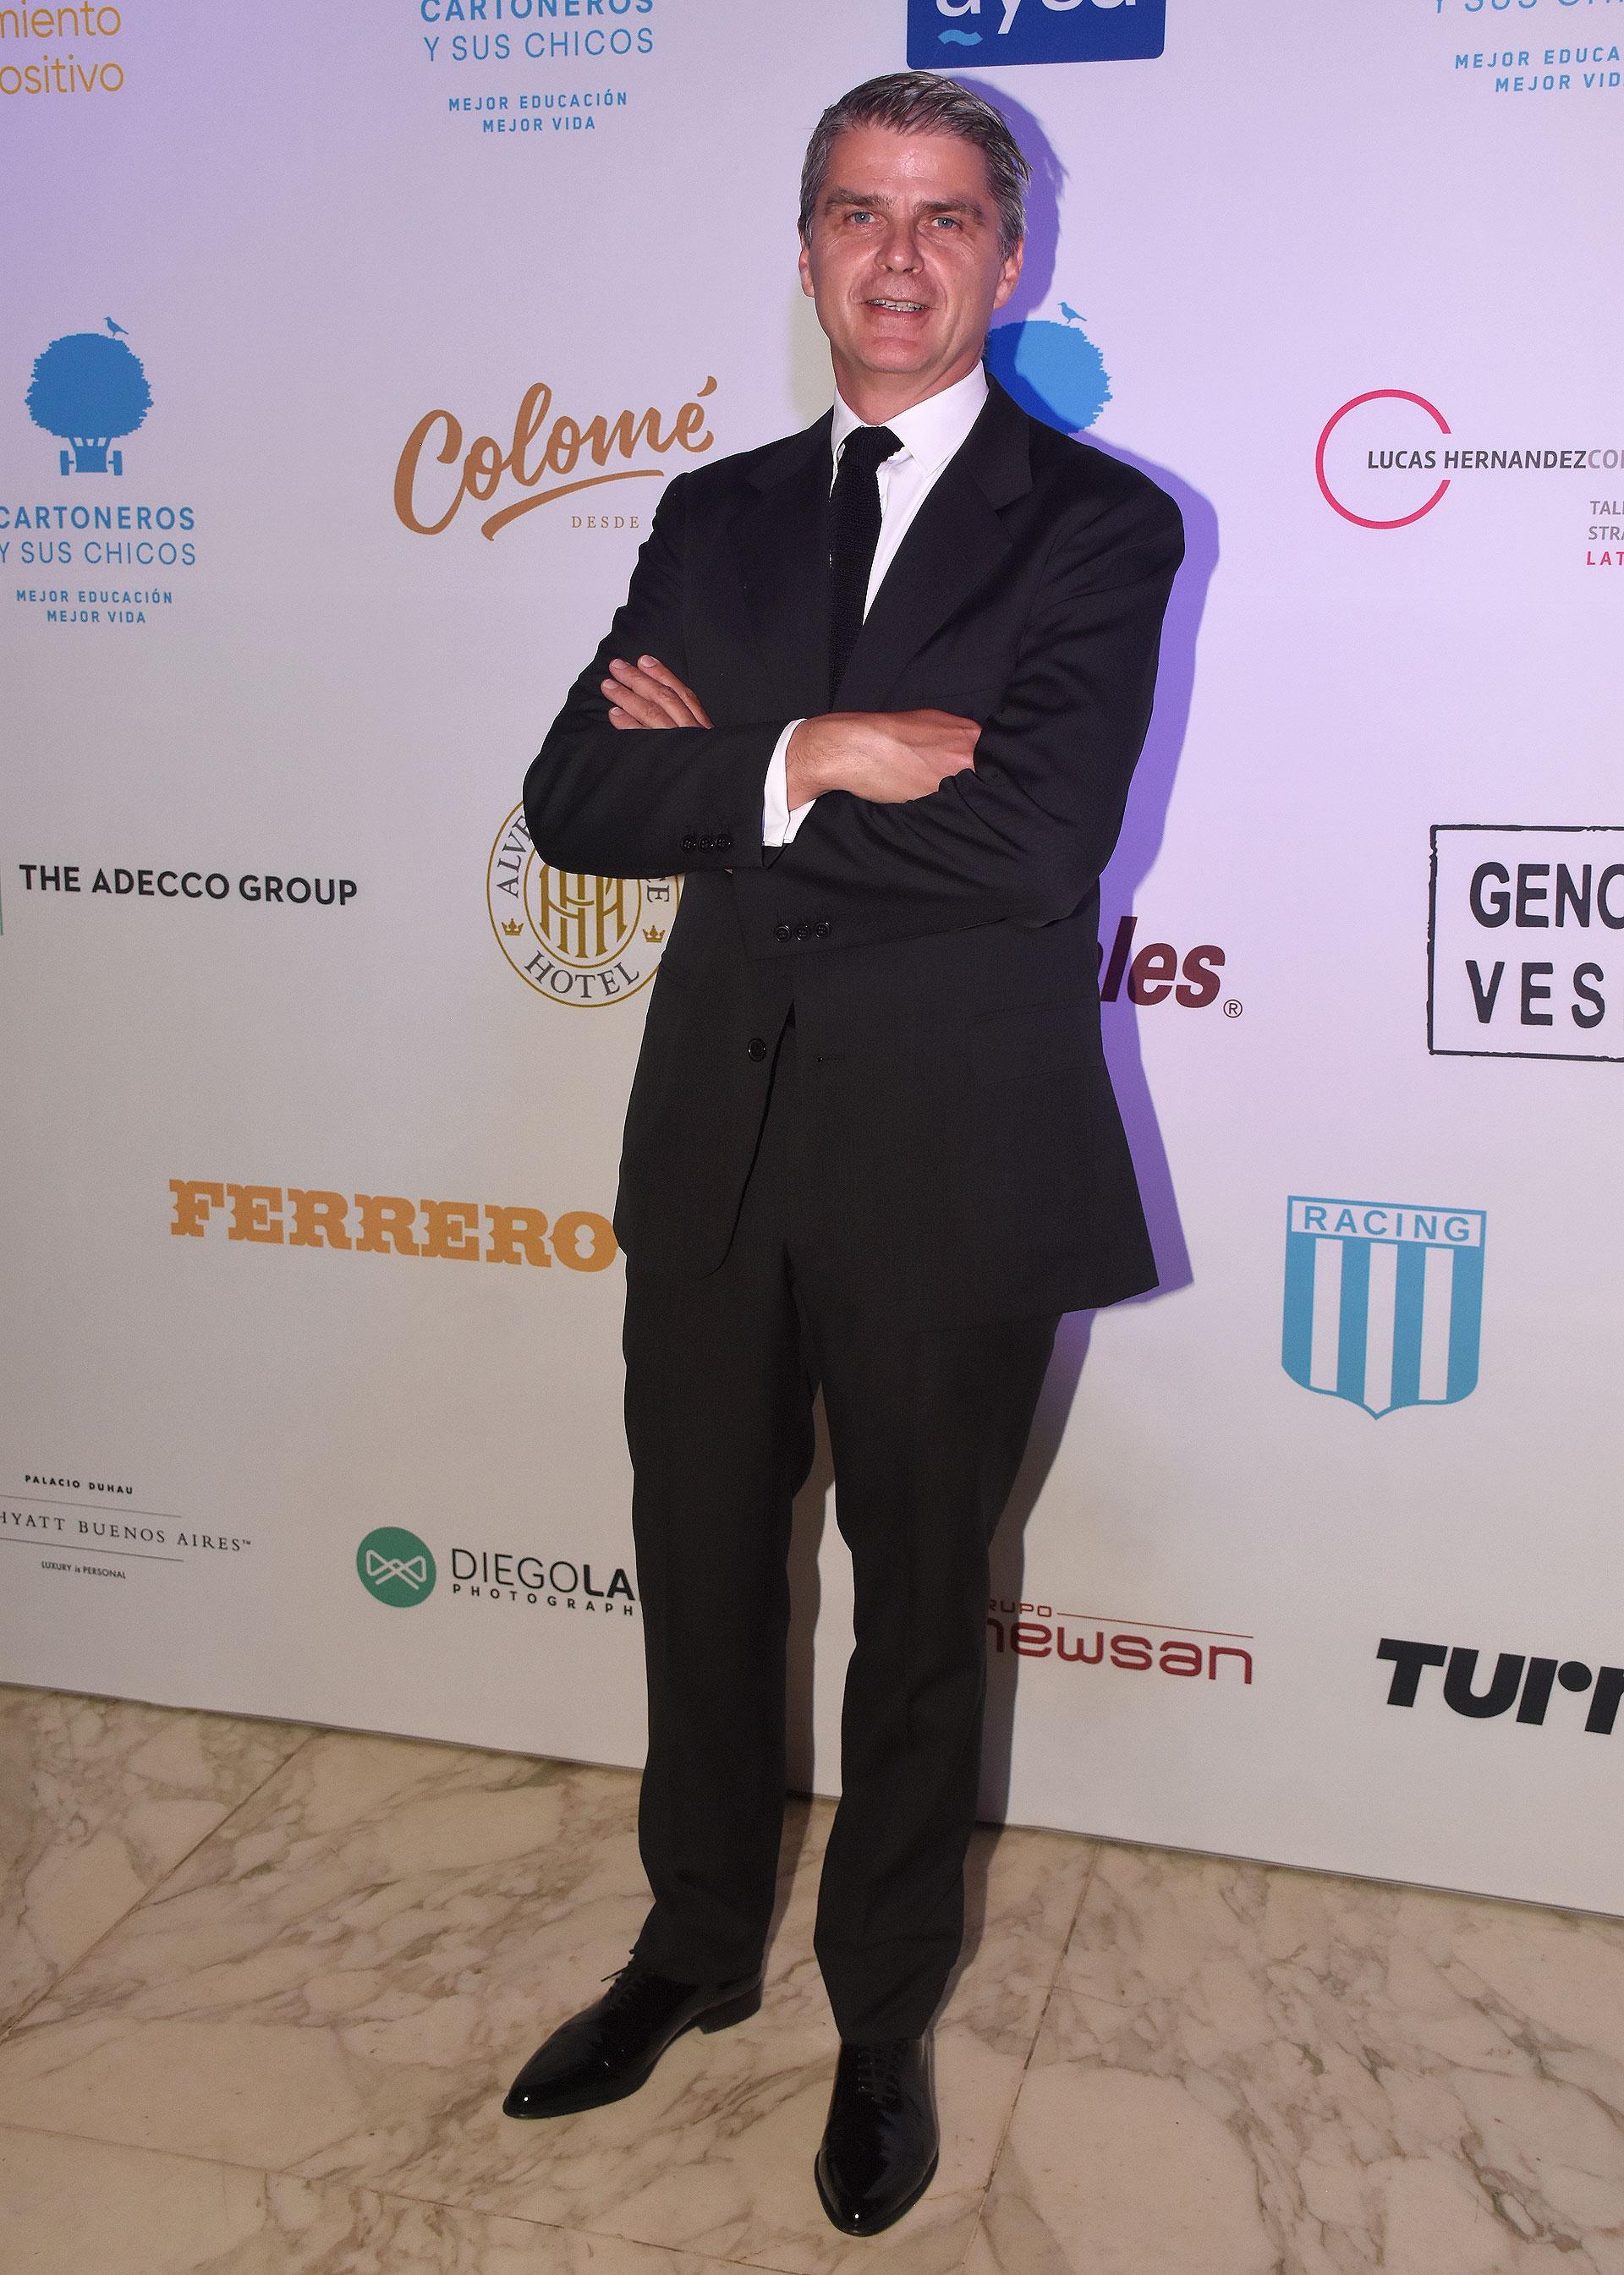 Hervé Pollet, presidente de la Fundación Cartoneros y sus Chicos